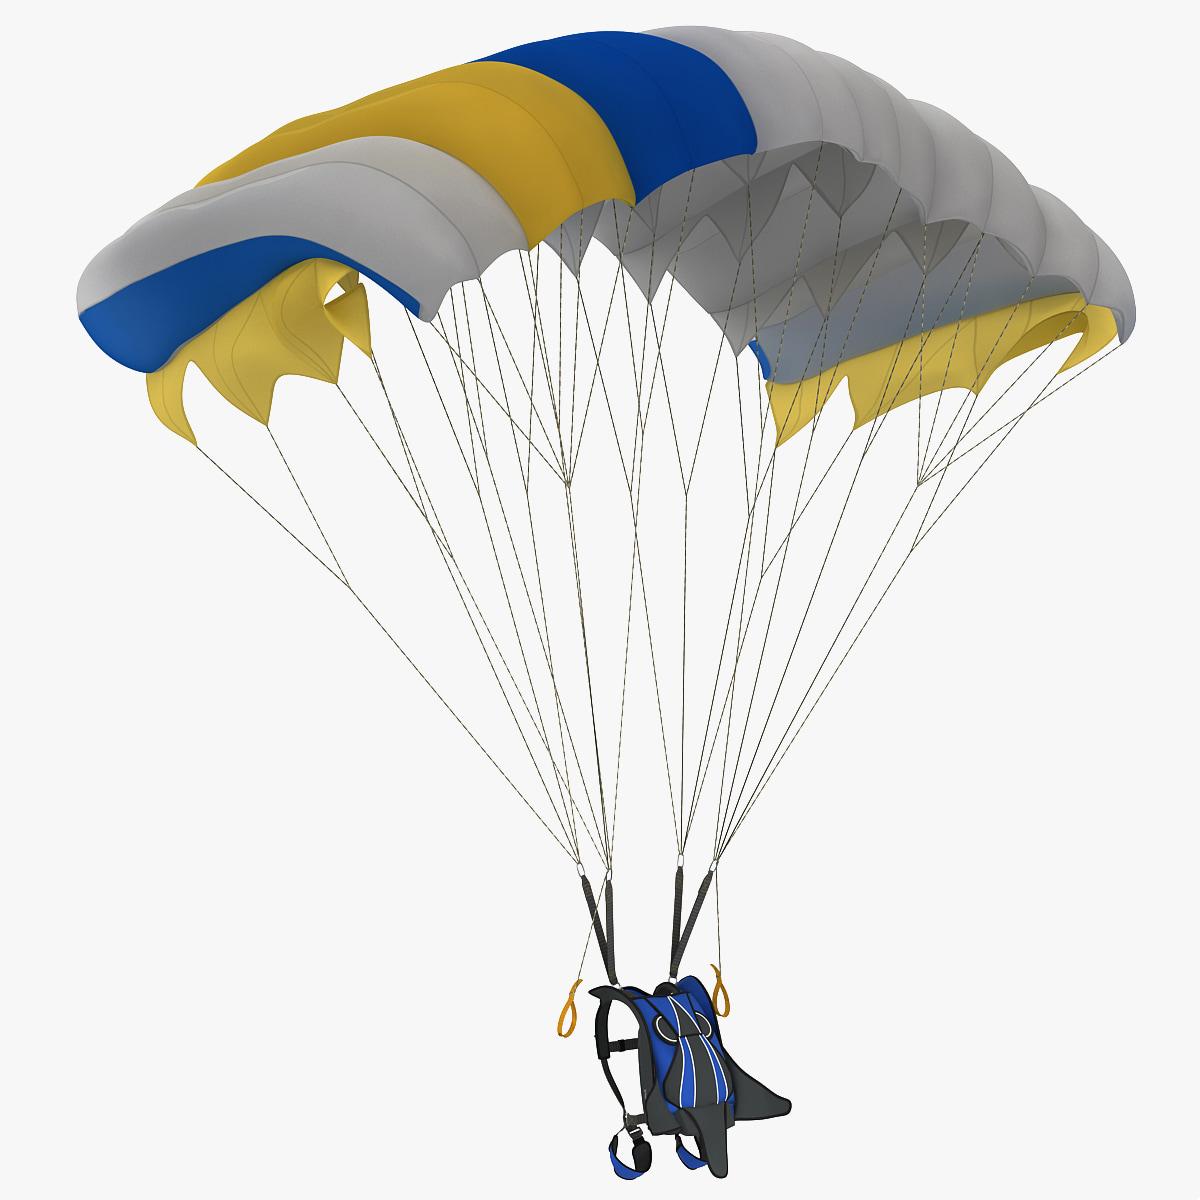 Parachute_V2_000.jpg